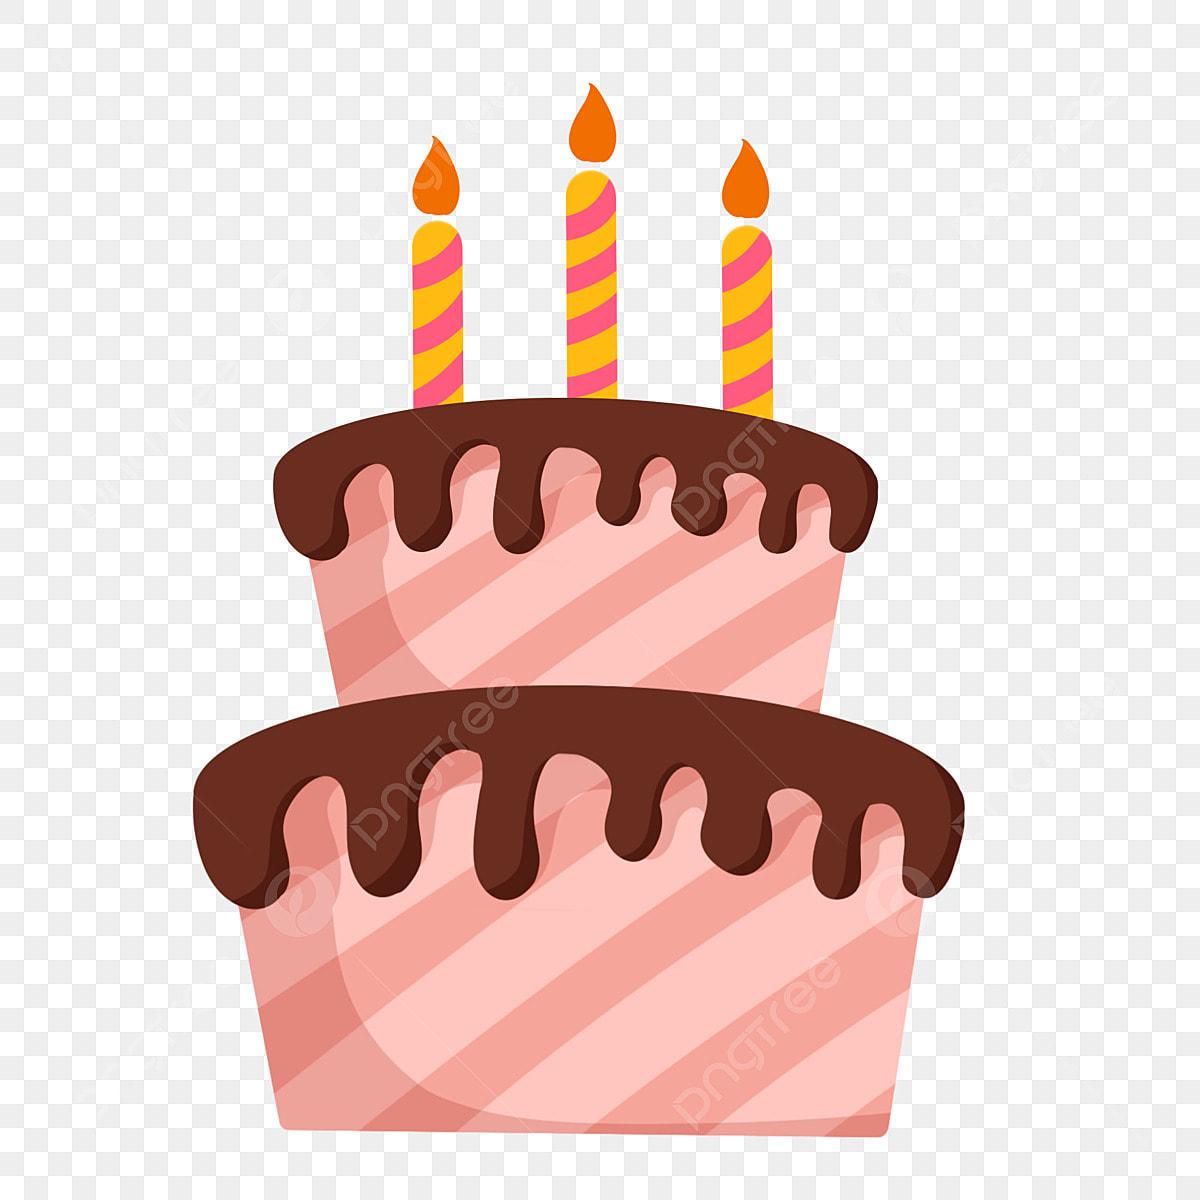 kek hari jadi tangan yang ditarik ilustrasi kek lazat